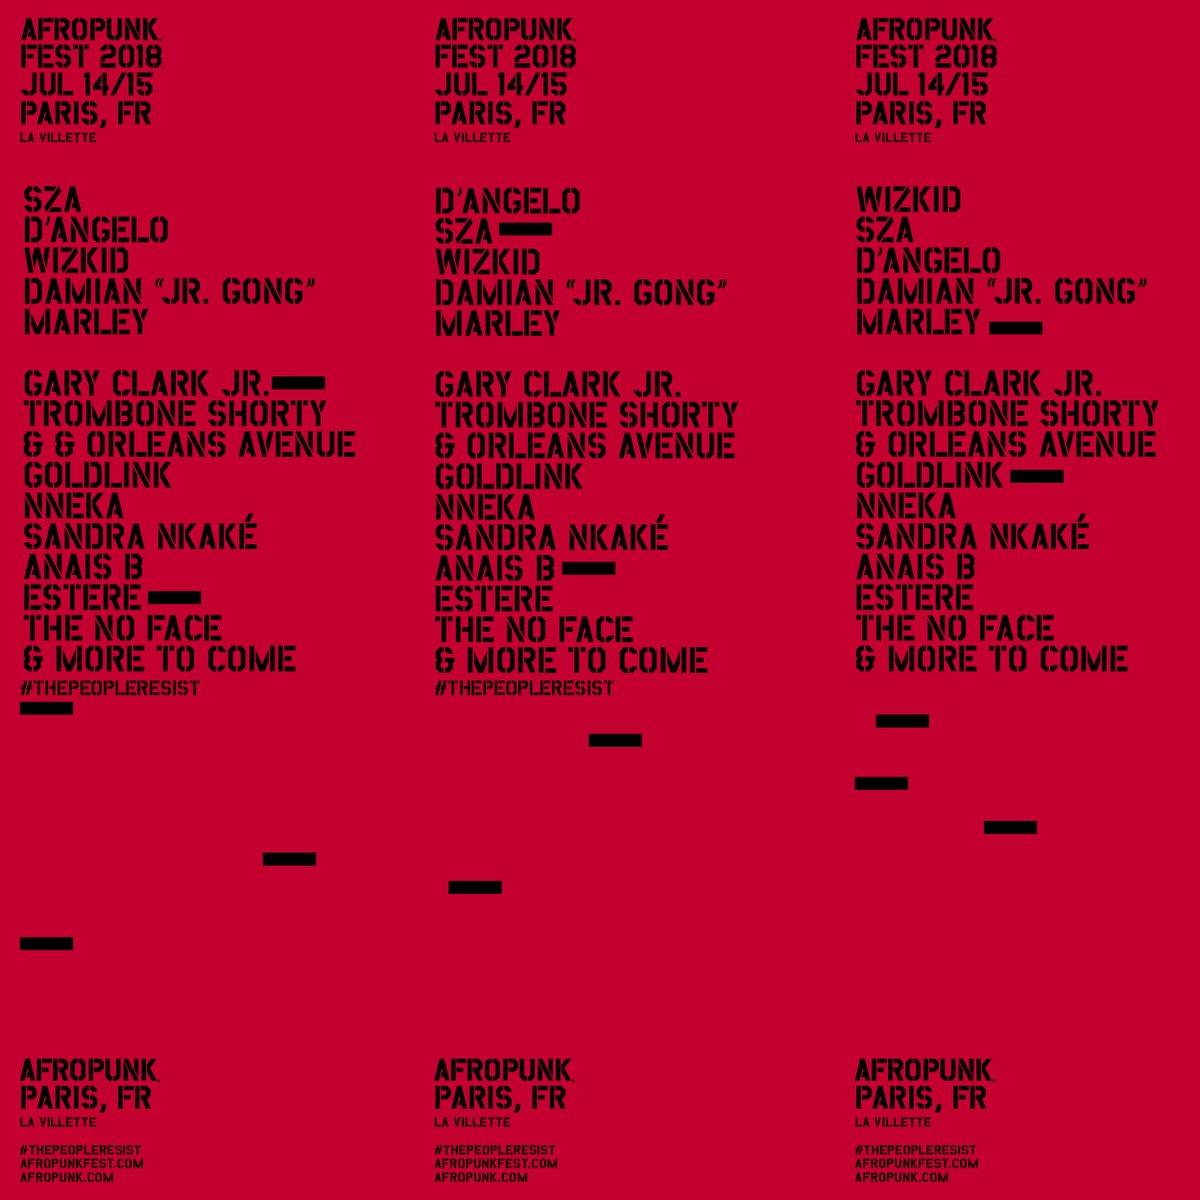 Afropunk Fest 2018 Paris - Lineups